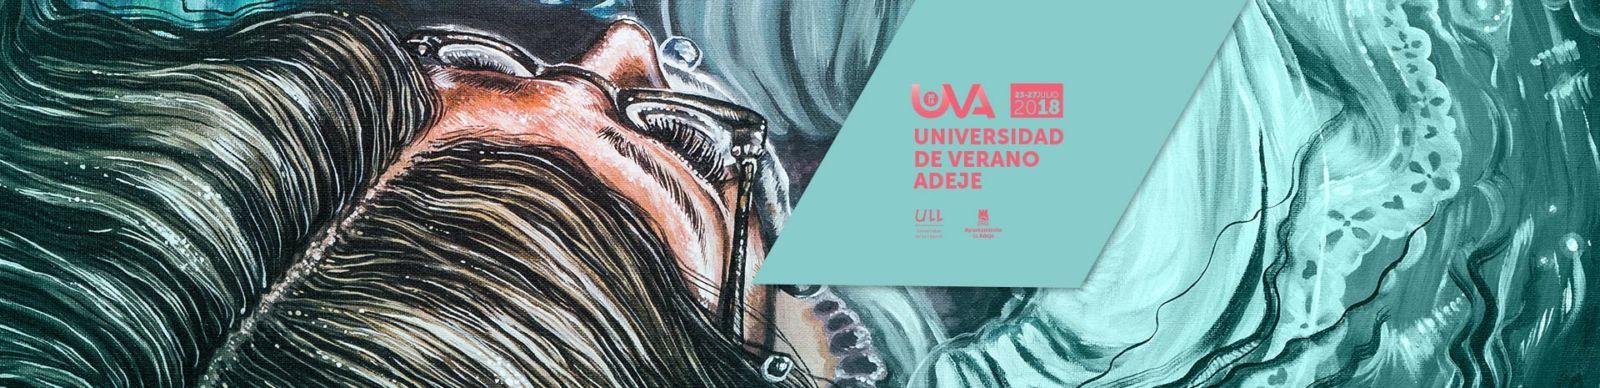 Universidad de Verano de Adeje